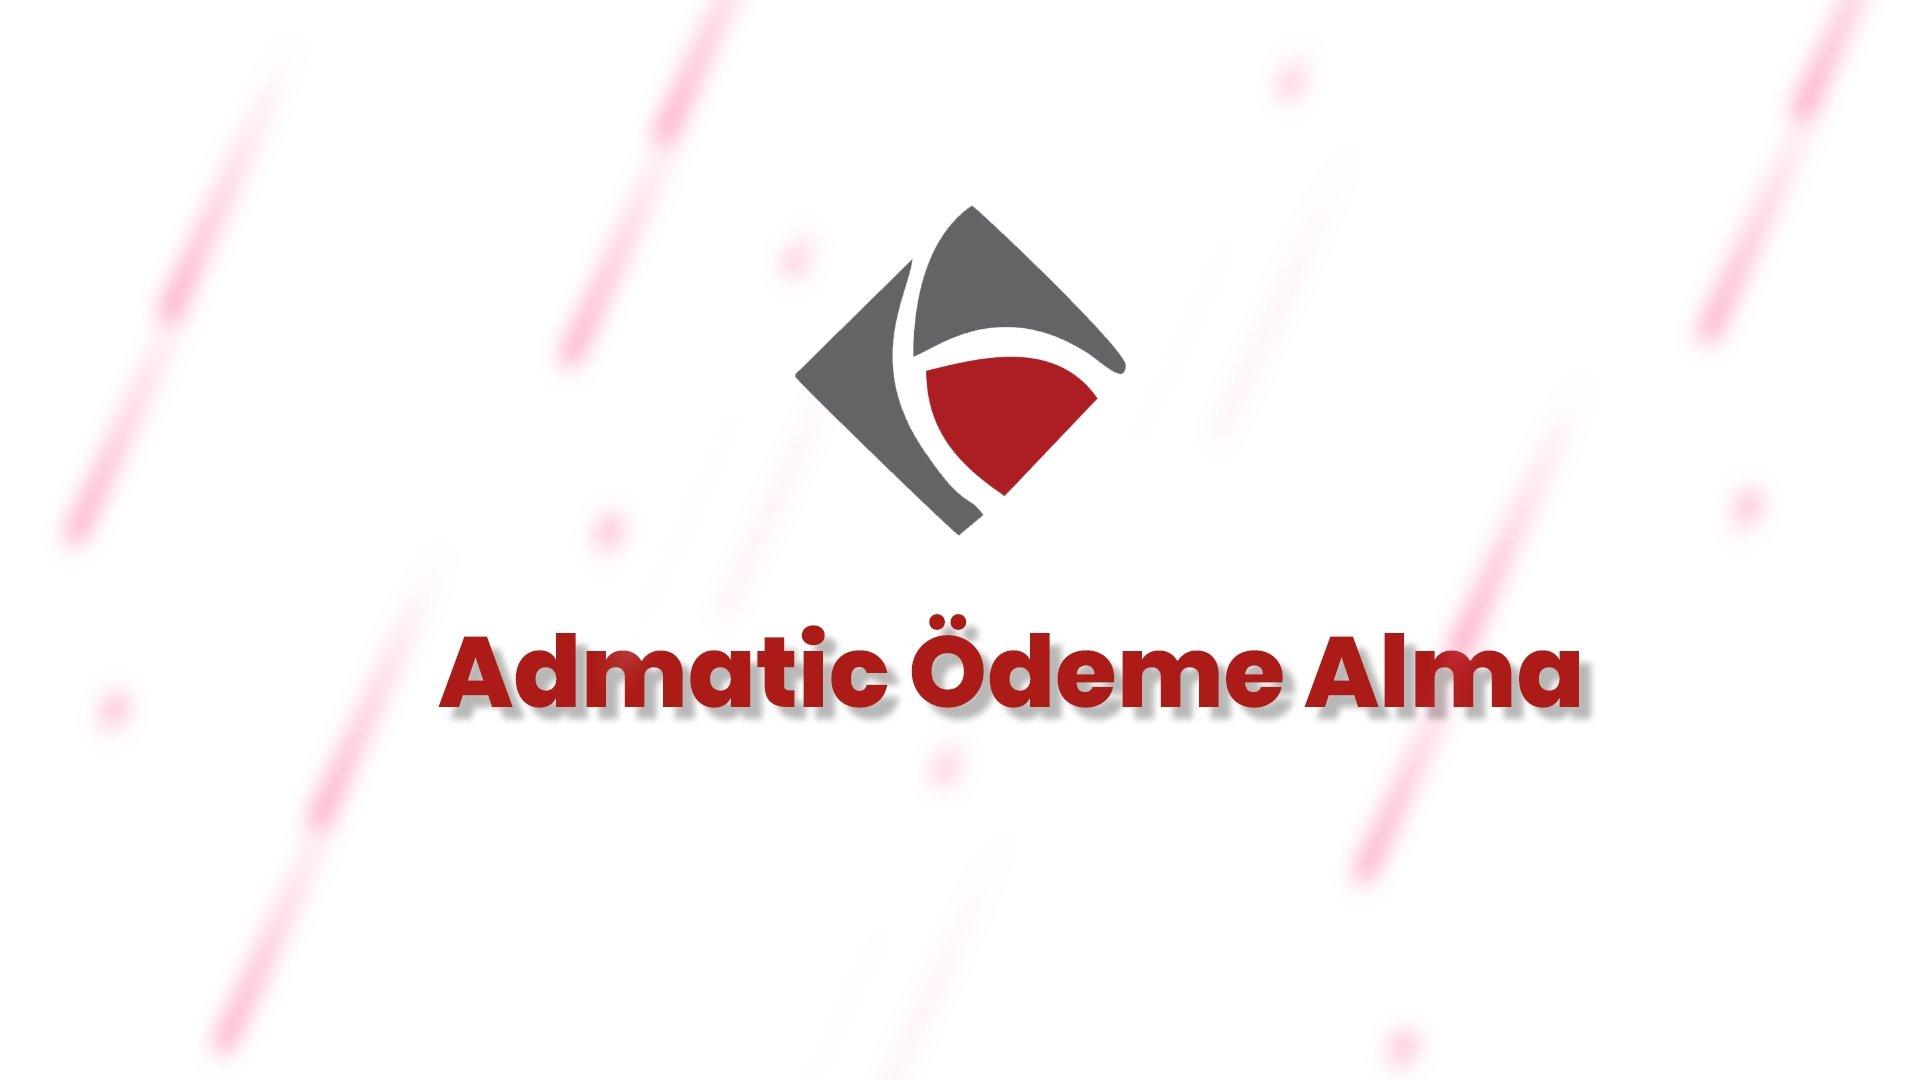 Admatic Ödeme Alma Rehberi